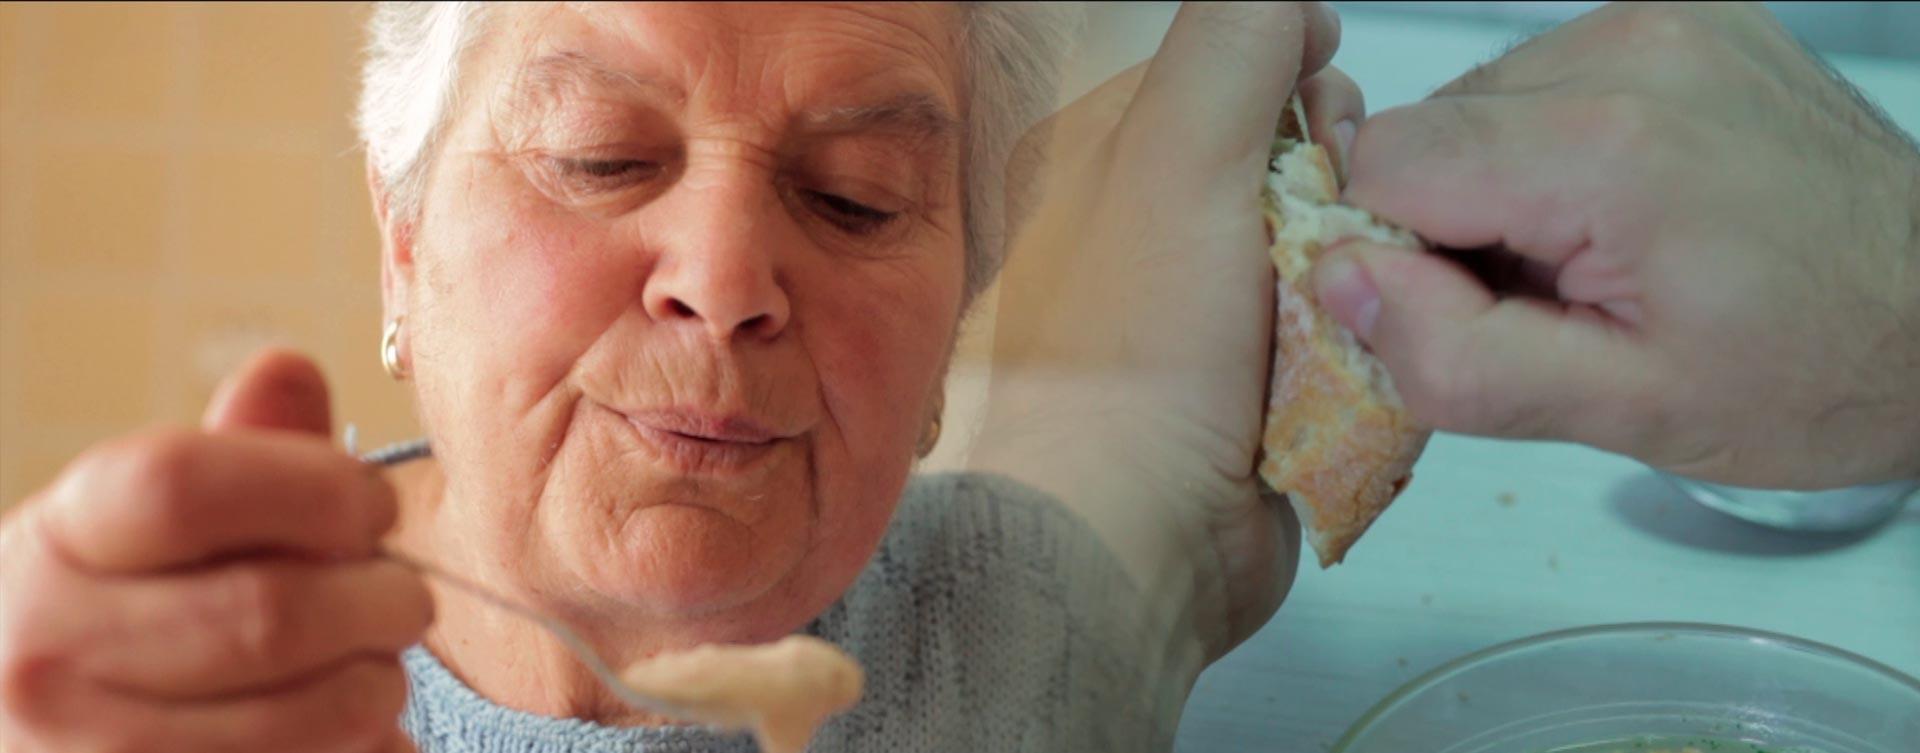 mujer comiendo para corto estereoscopía